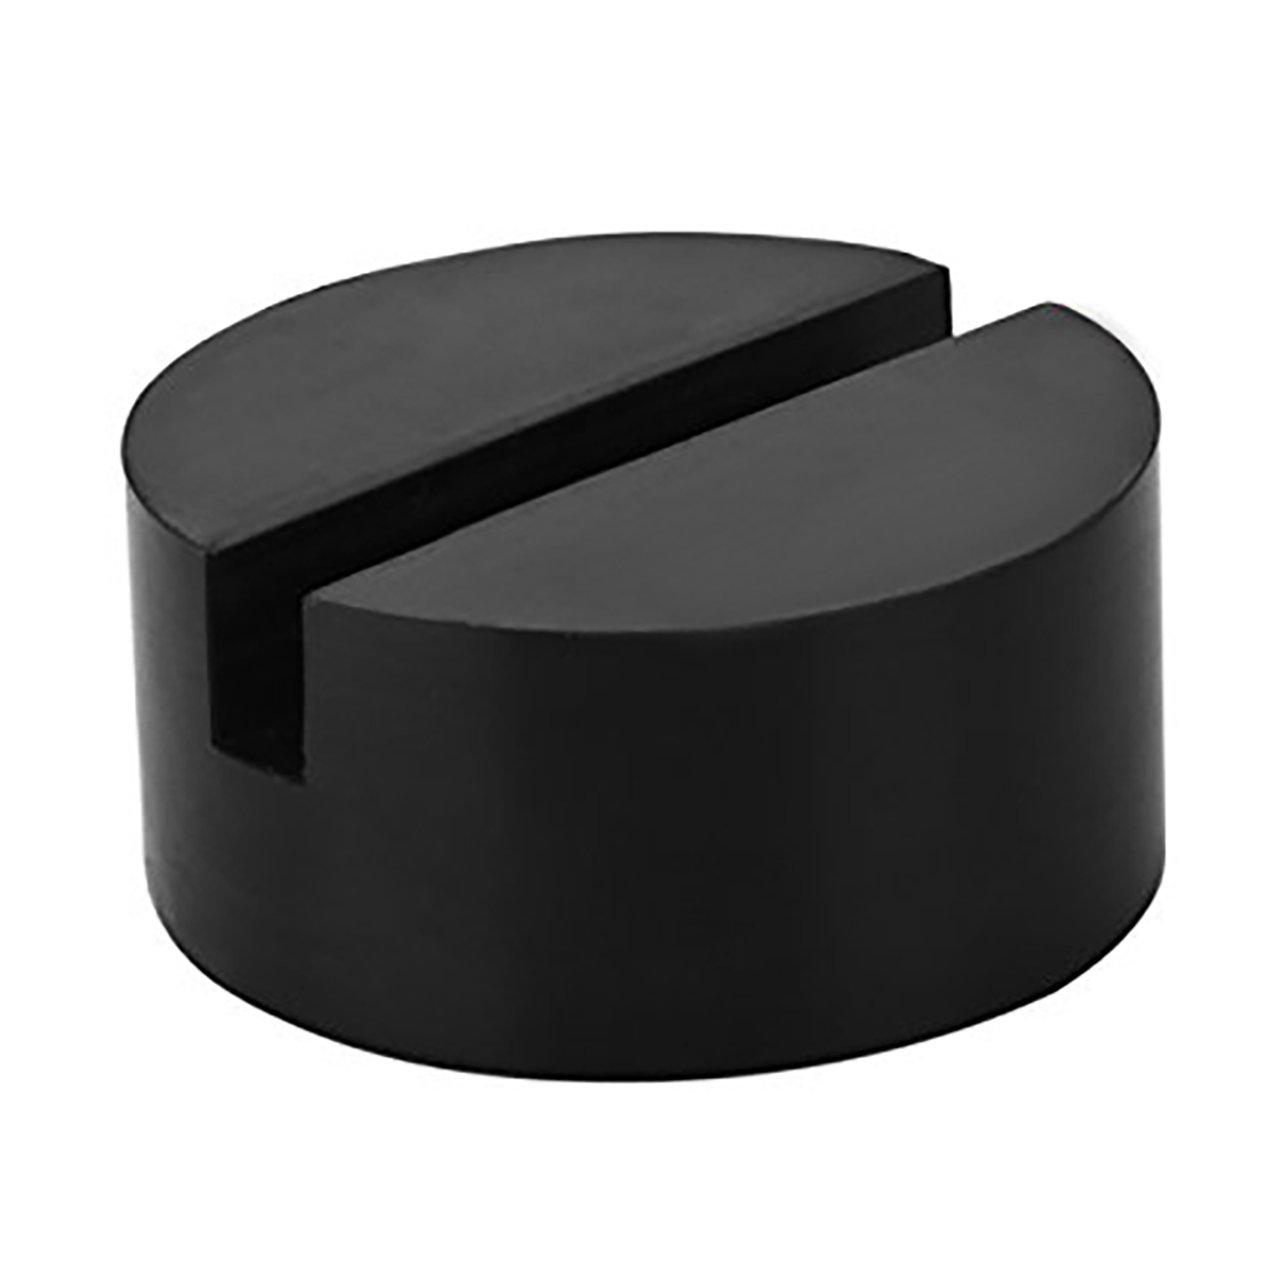 RenXinU Tampon de cric en caoutchouc avec rainure universelle, ré sistant, Jack Pad, Noir résistant